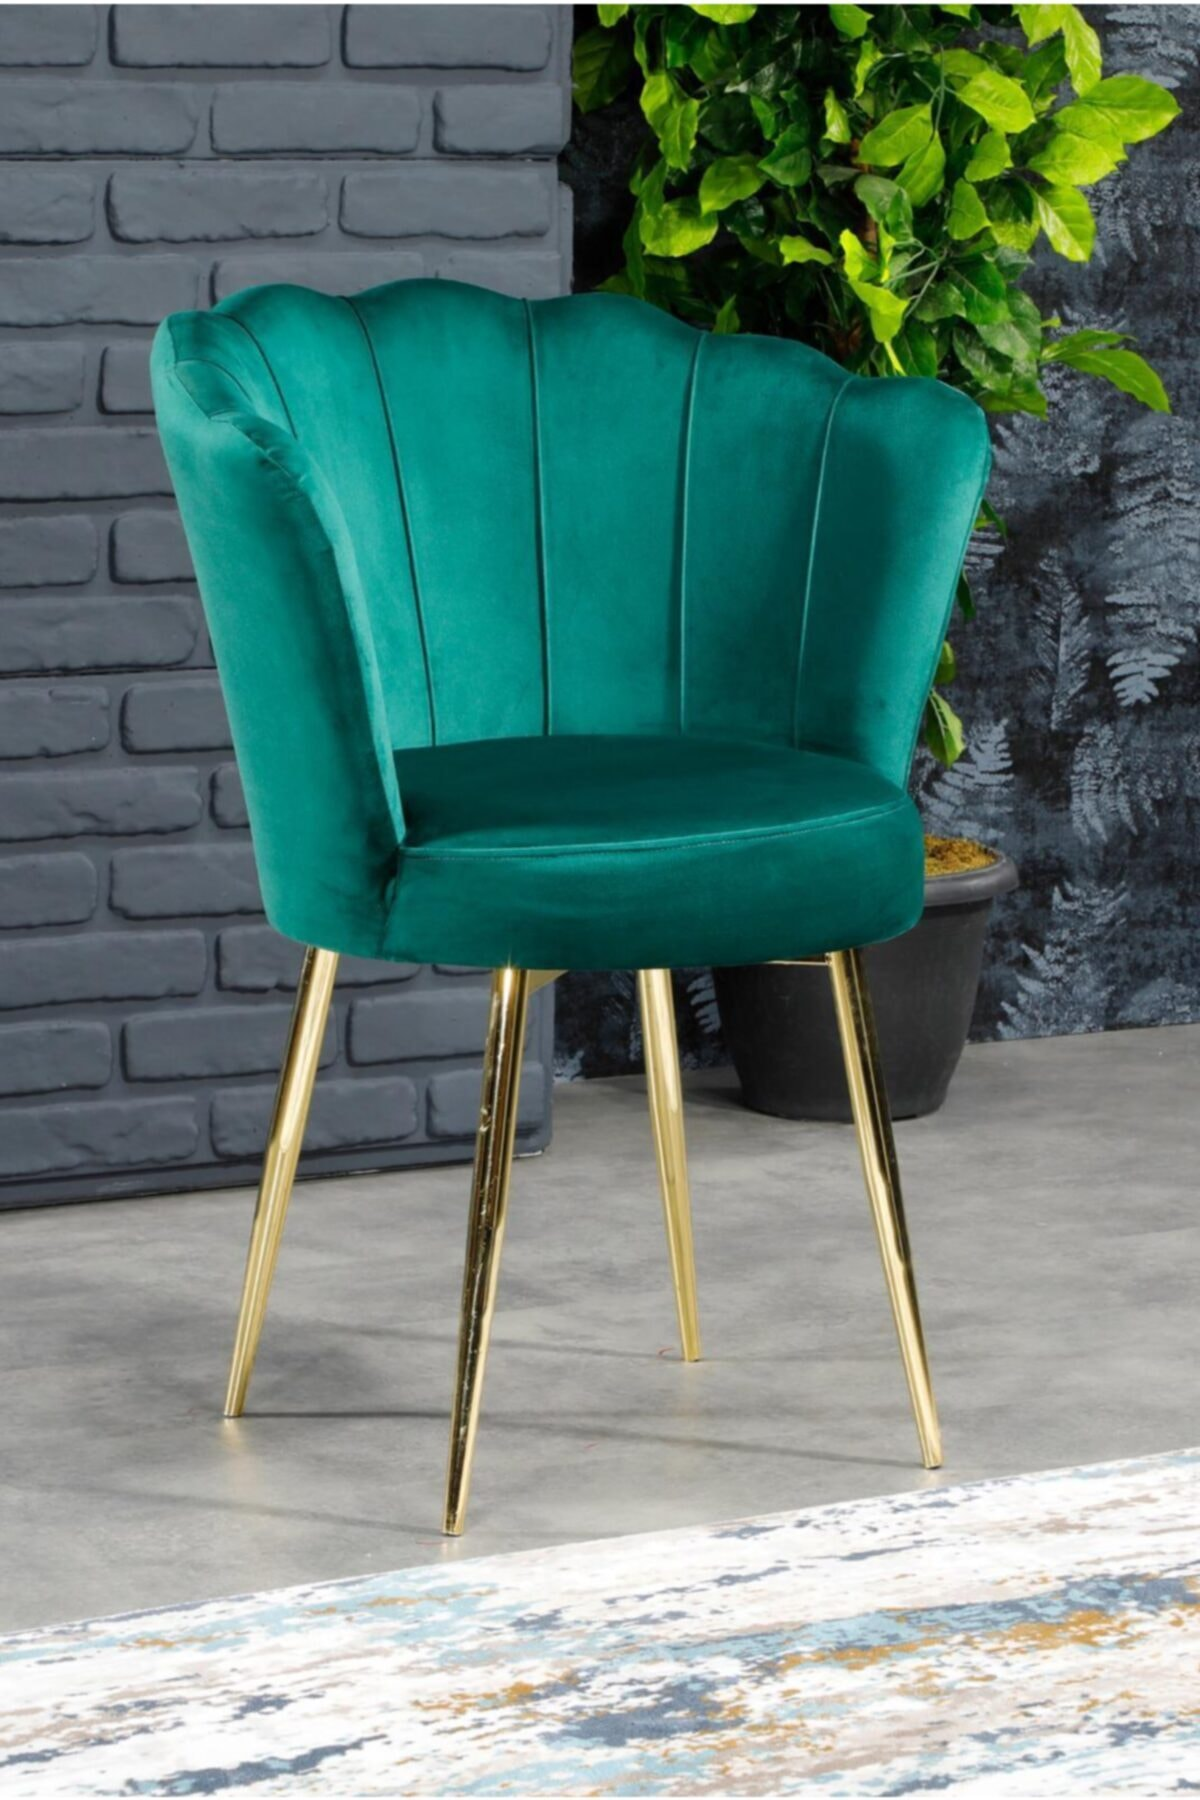 AYSU Sandalye Papatya Tekli Berjer Yeşil Altın Ayak 1